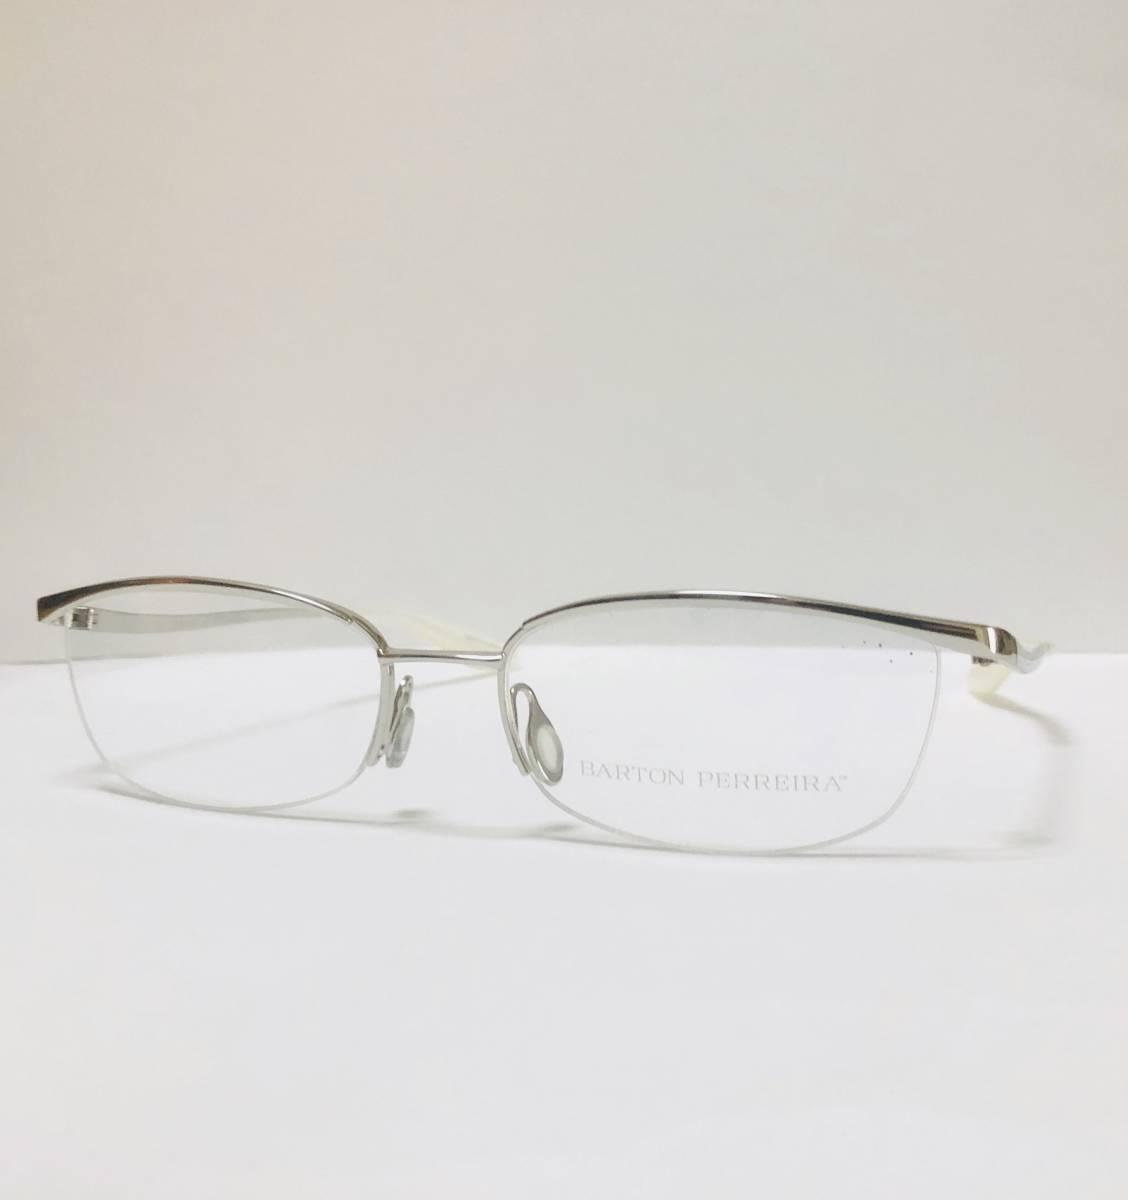 定価85800円 新品) 上流階級 バートンペレイラ ミア Barton Perreira 極上品 純正メガネ 付属品付き 日本製 米国ブランド_画像2